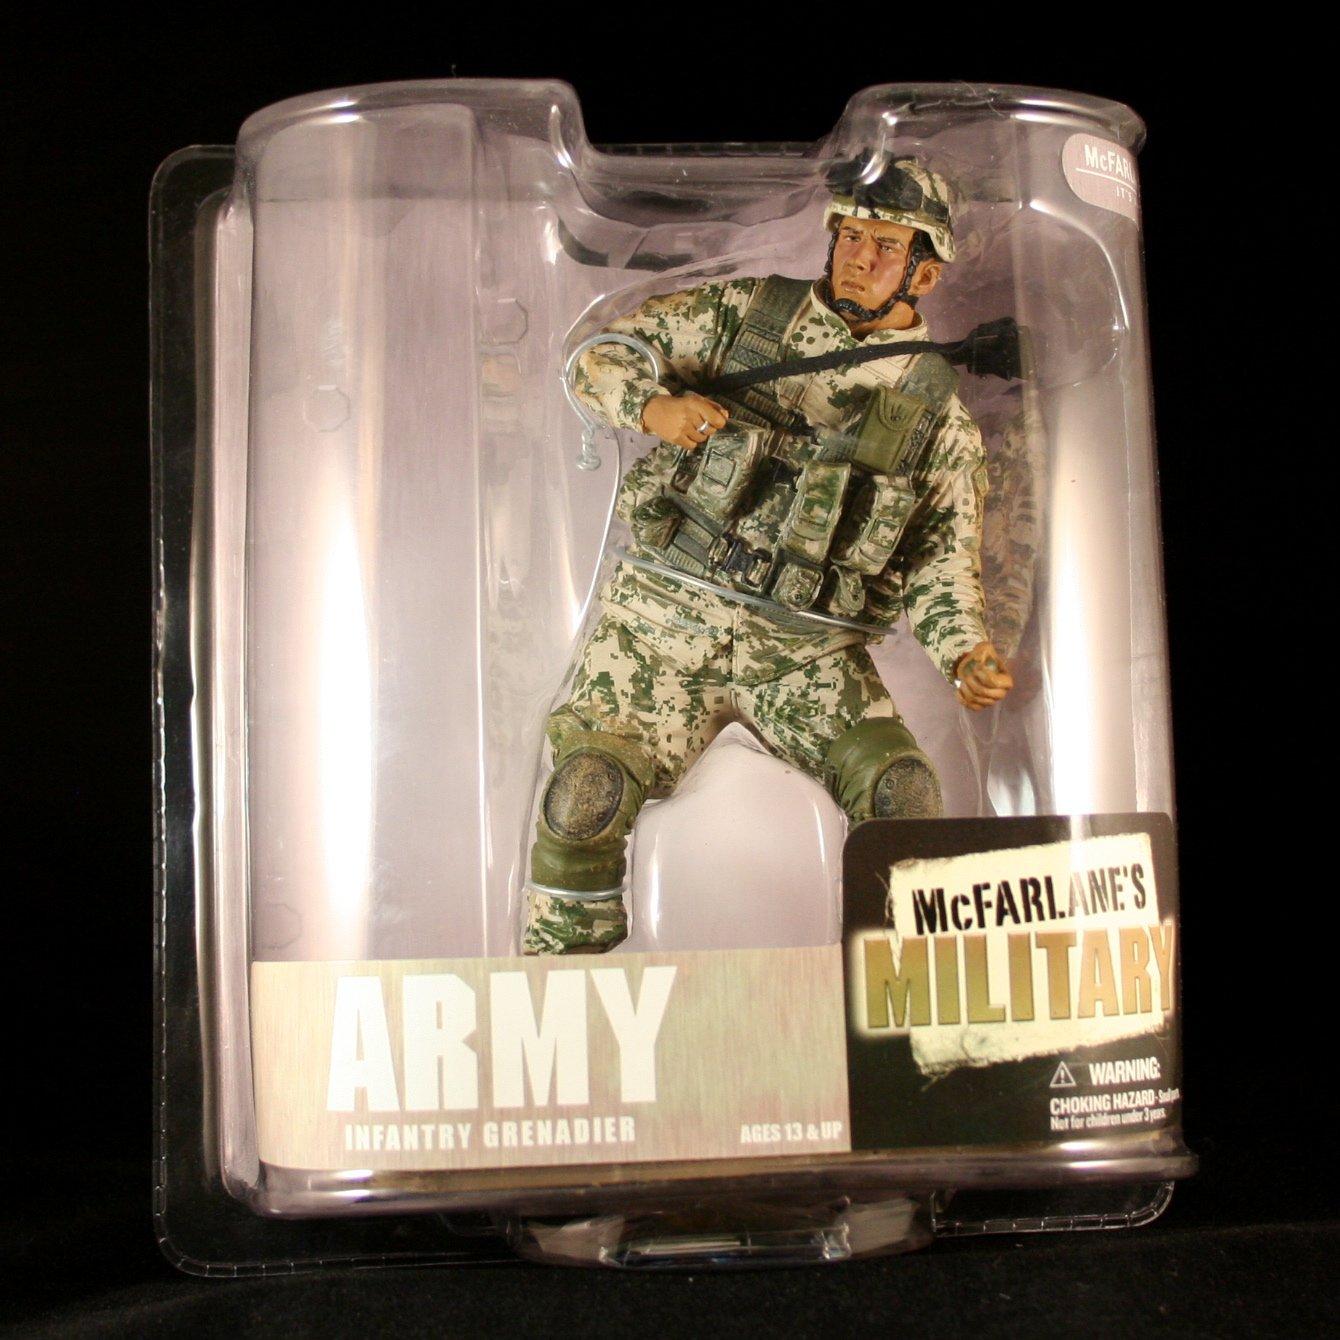 Reducción de precio ARMY INFANTRY GRENADIER  AFRICAN AMERICAN VARIATION  McFarlane's Military Series 6 Action Figure  Display Base by McFarlanes Military